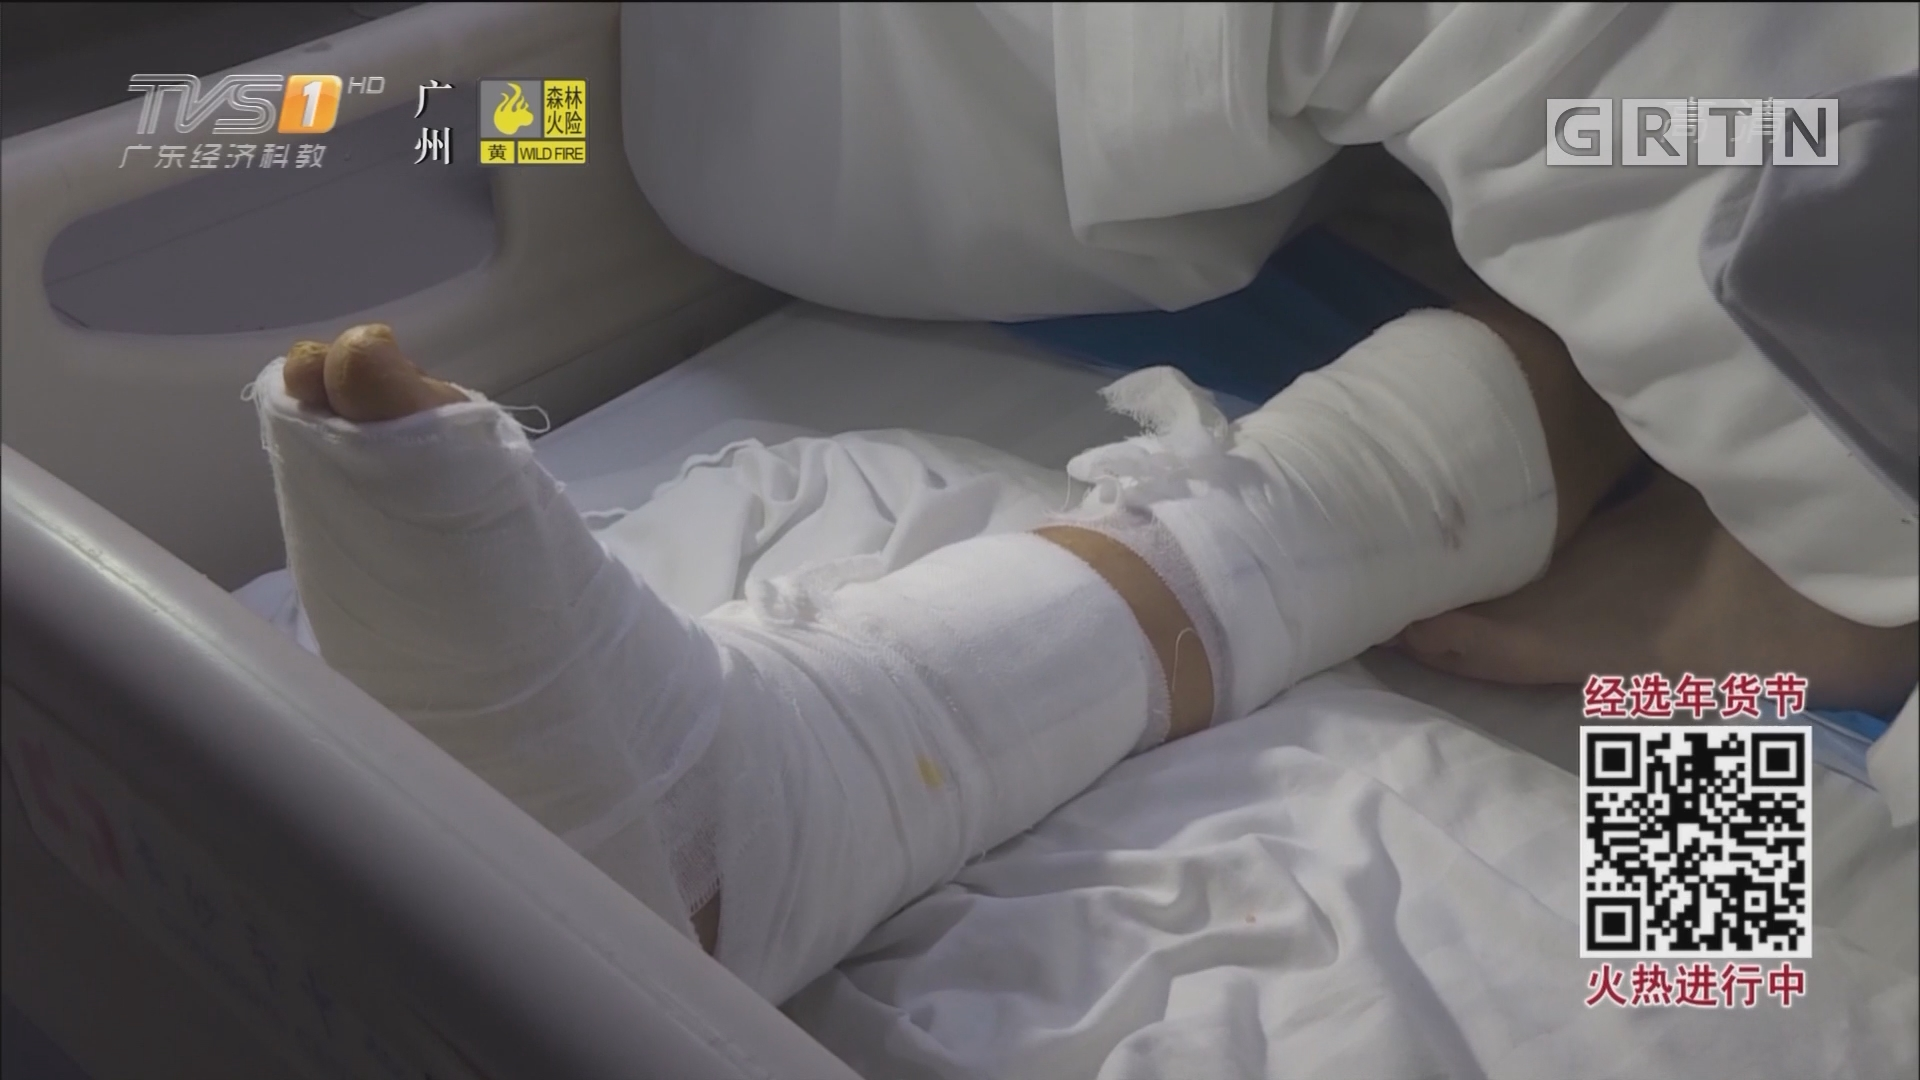 治疗脚踝扭伤 16岁男生感染超级细菌